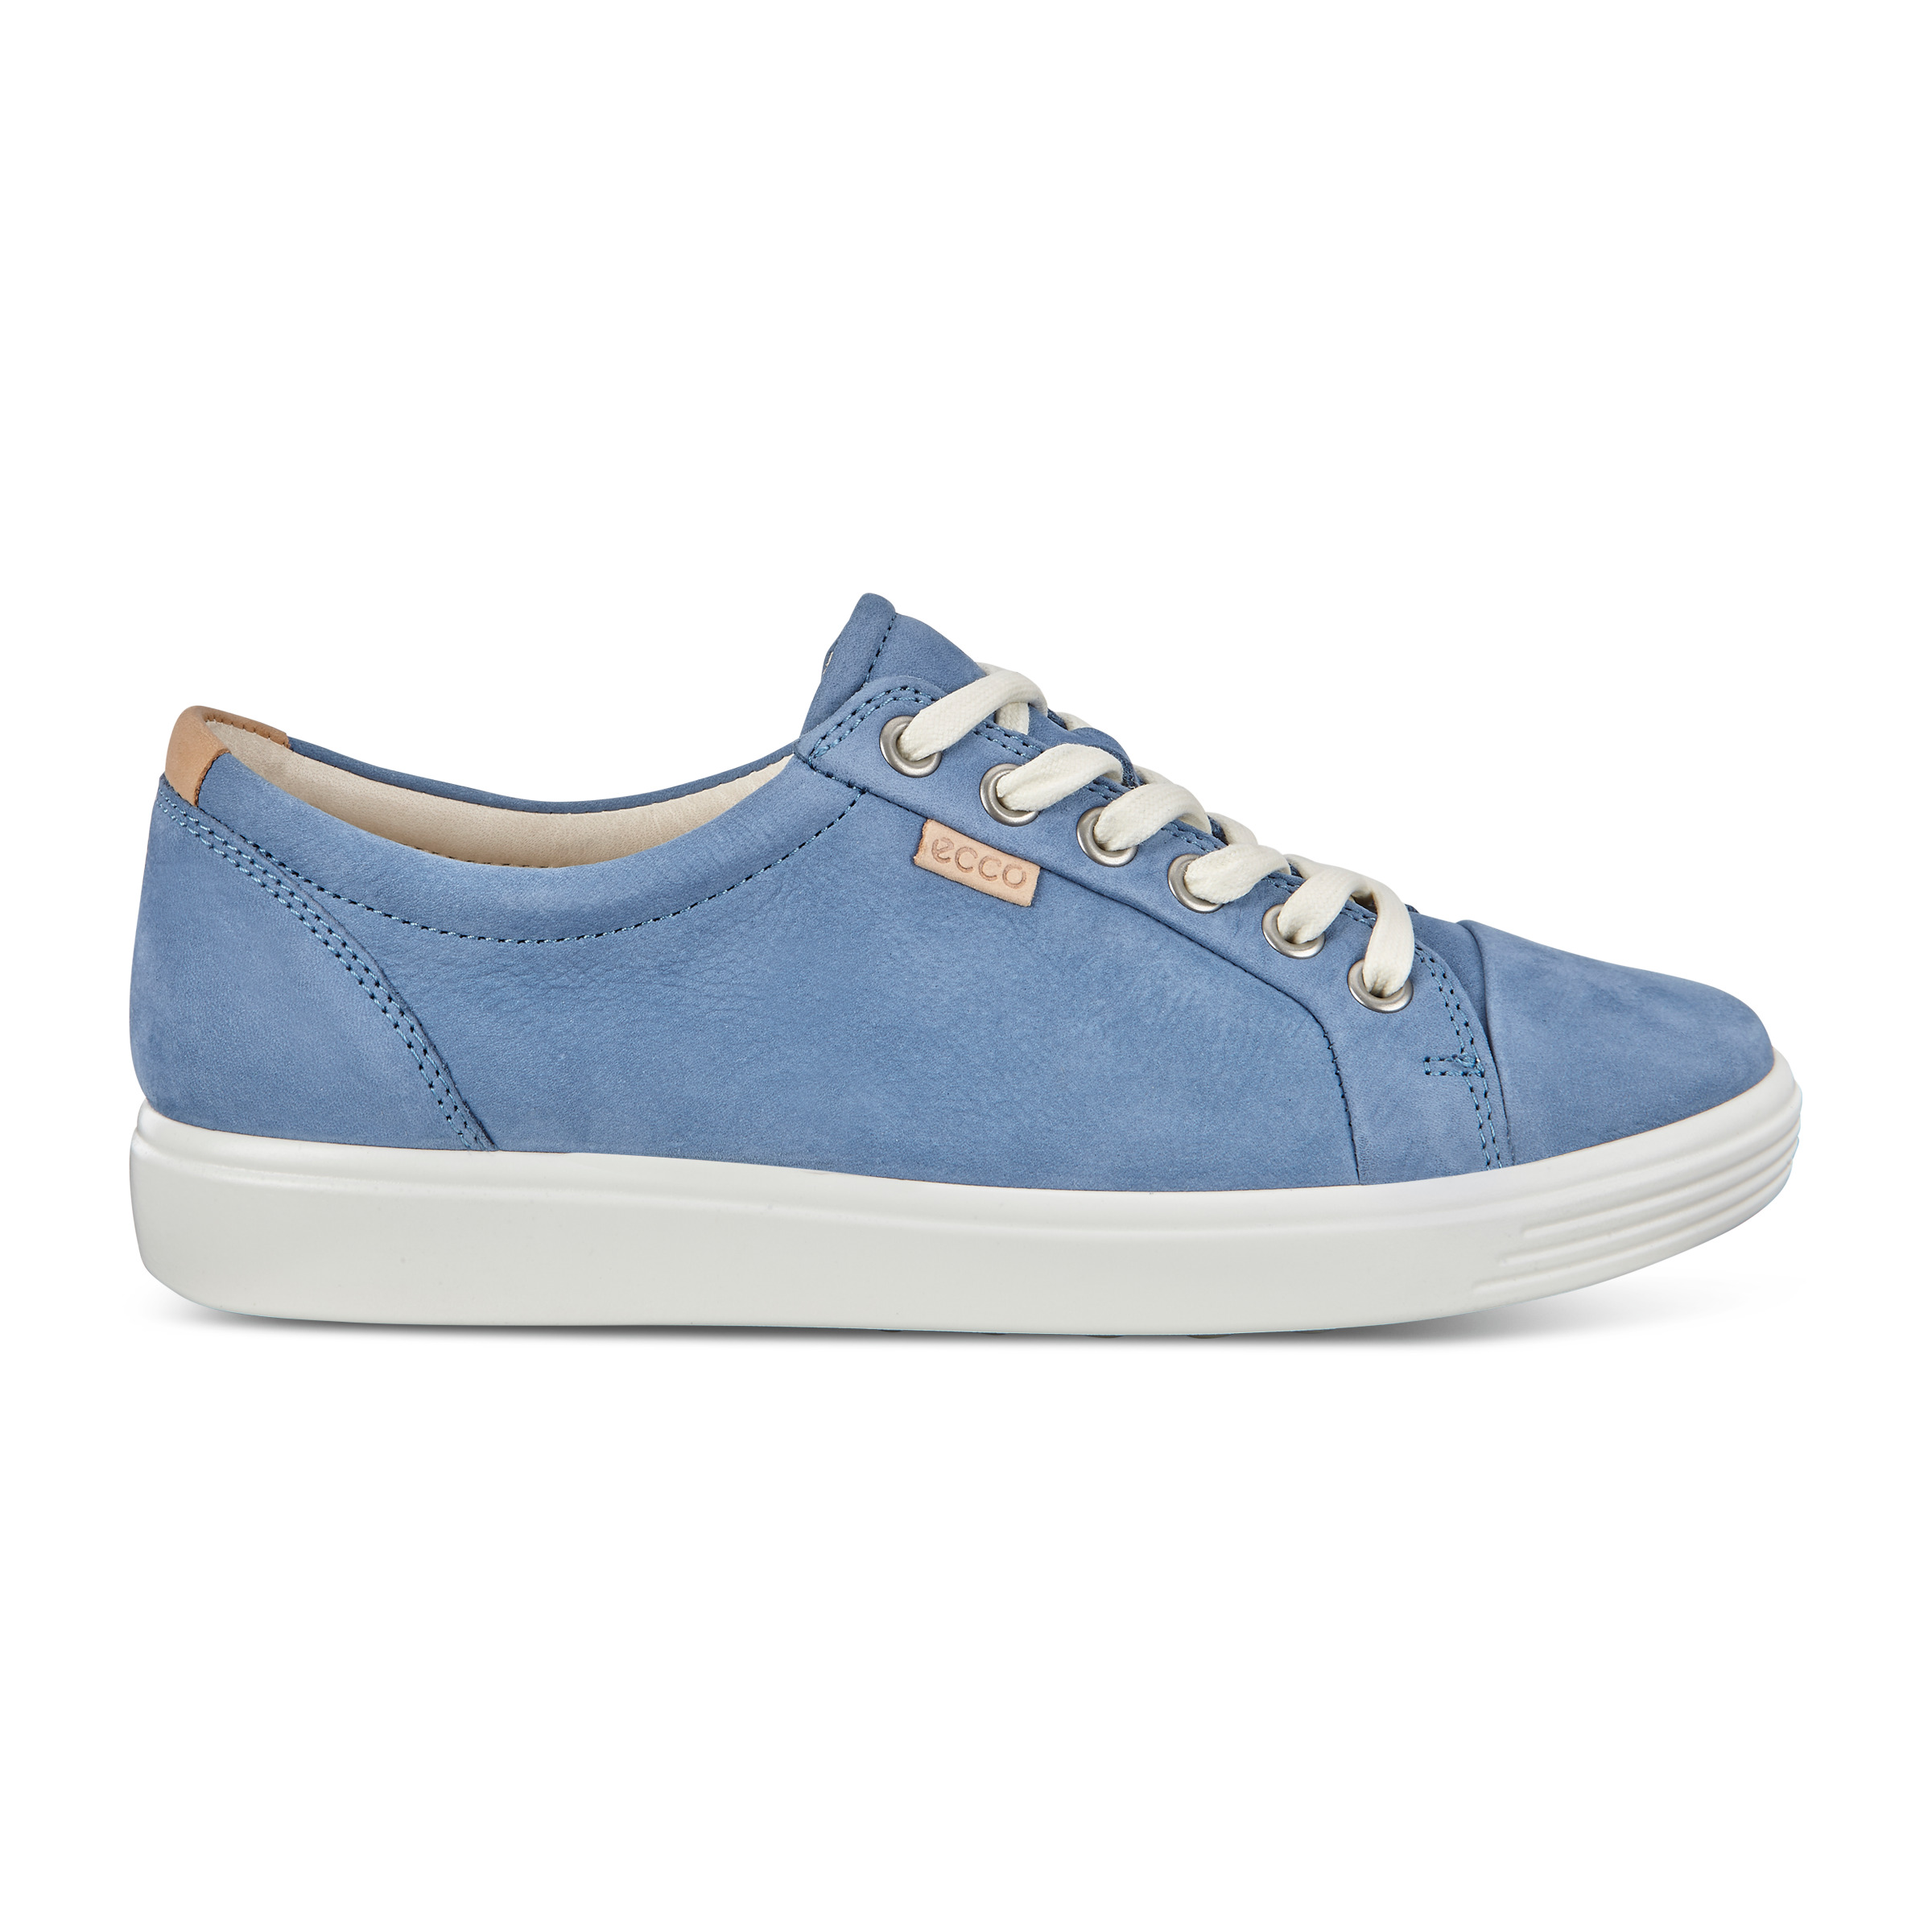 ECCO Womens Soft 7 Sneaker Size 12-12.5 Retro Blue